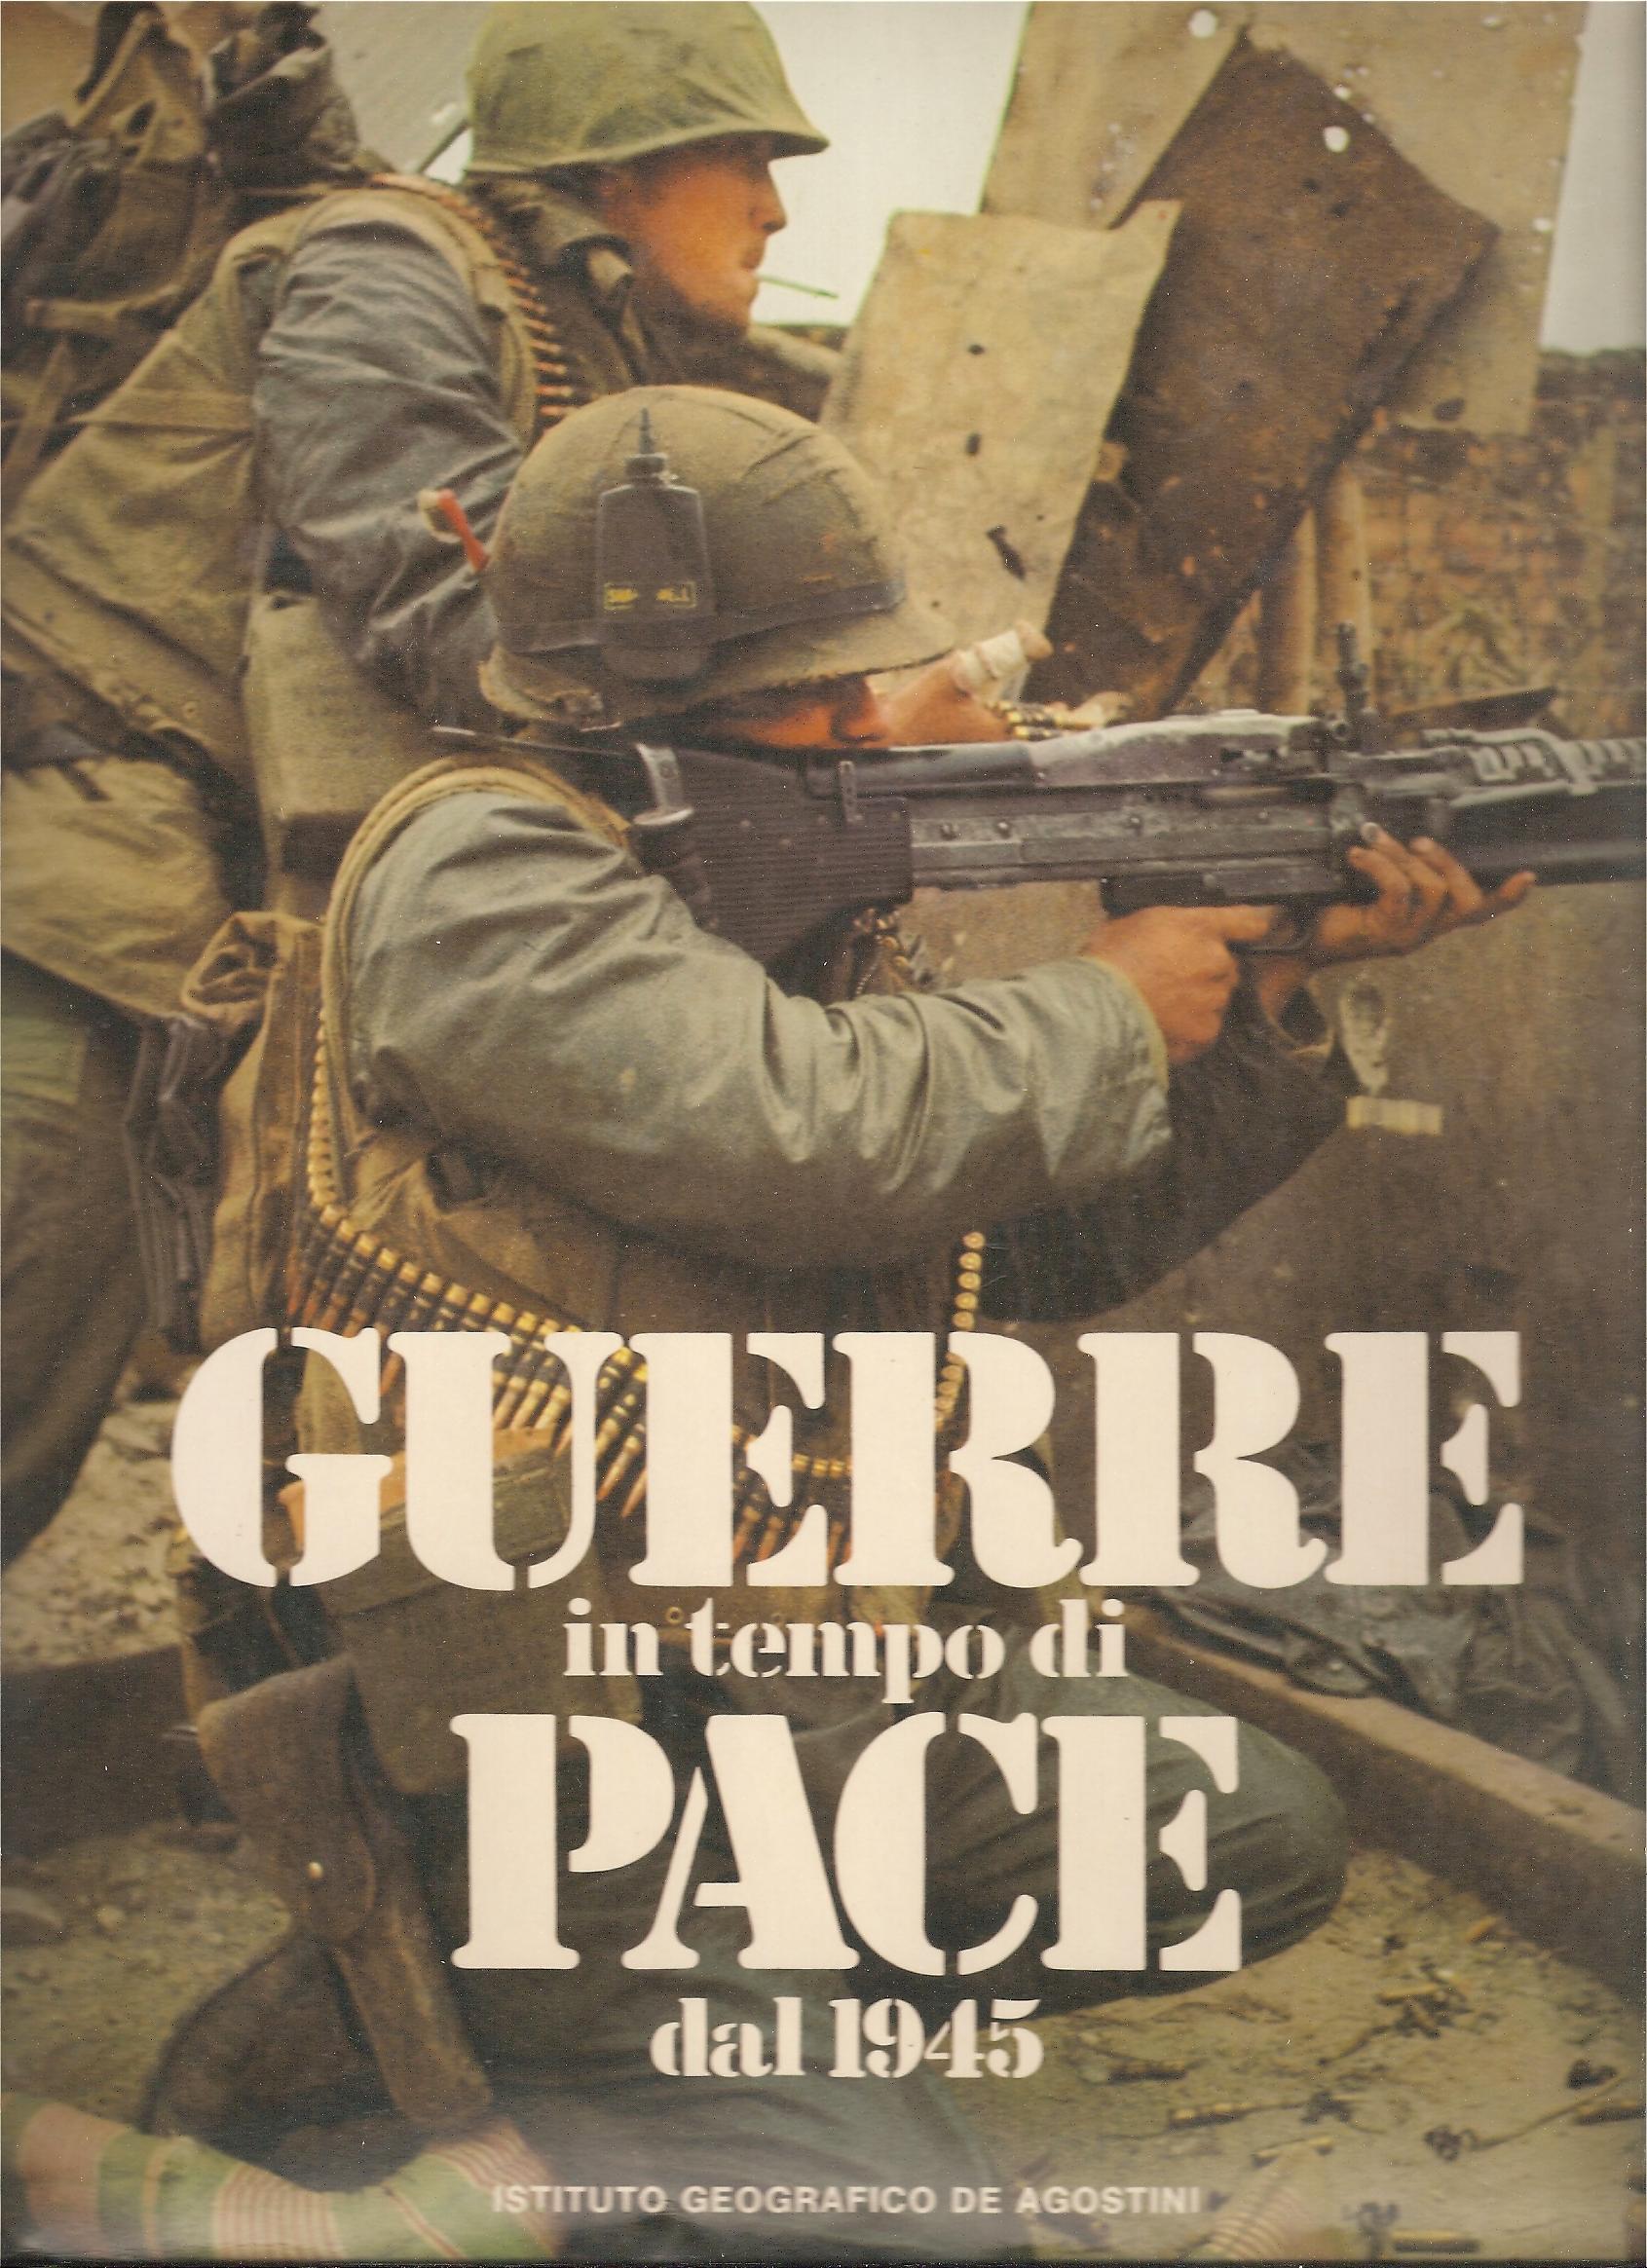 Guerre in tempo di pace dal 1945